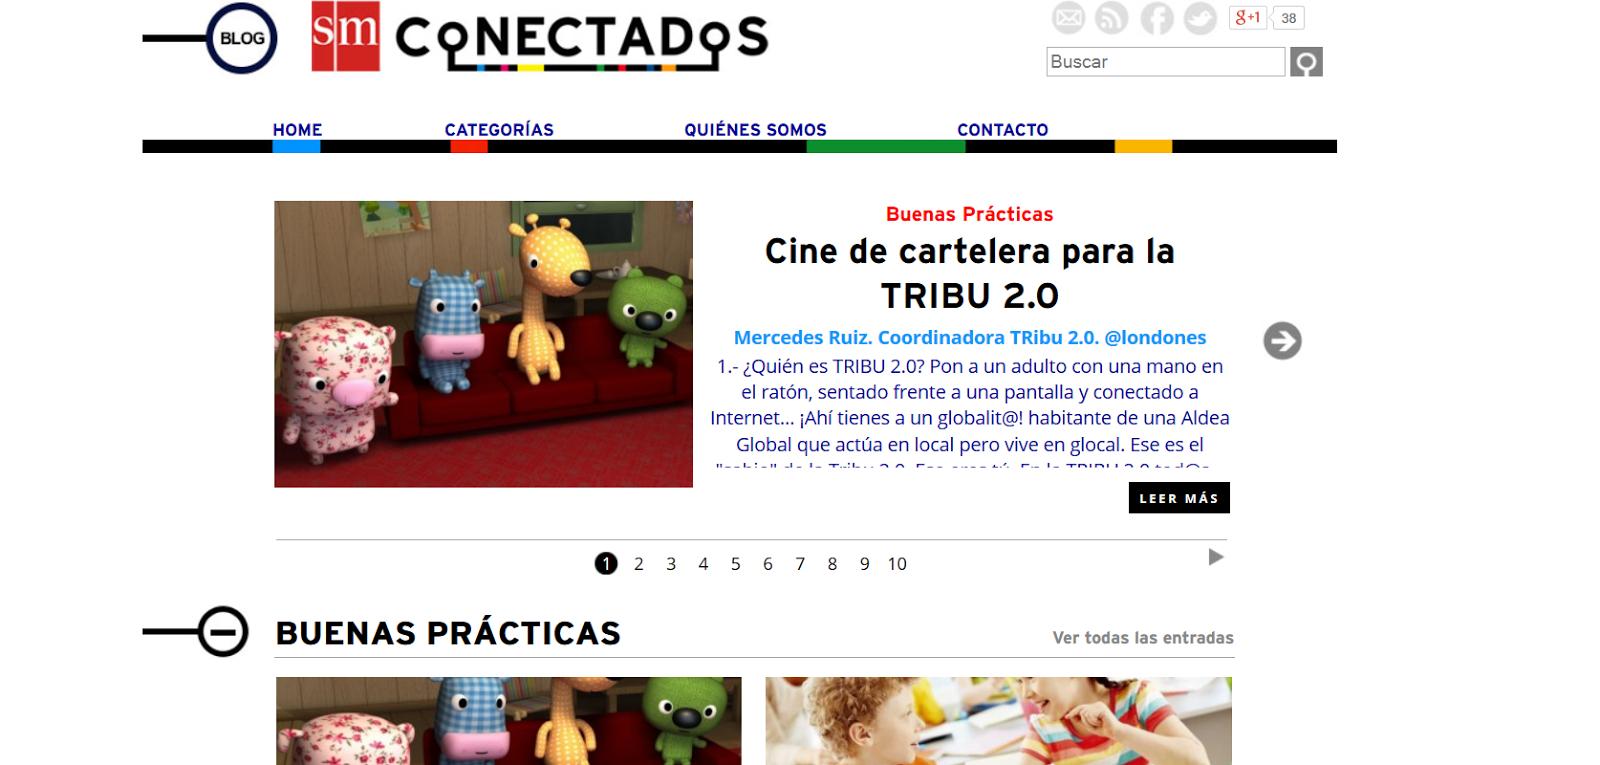 http://blog.smconectados.com/2014/04/30/cine-de-cartelera-para-la-tribu-2-0/